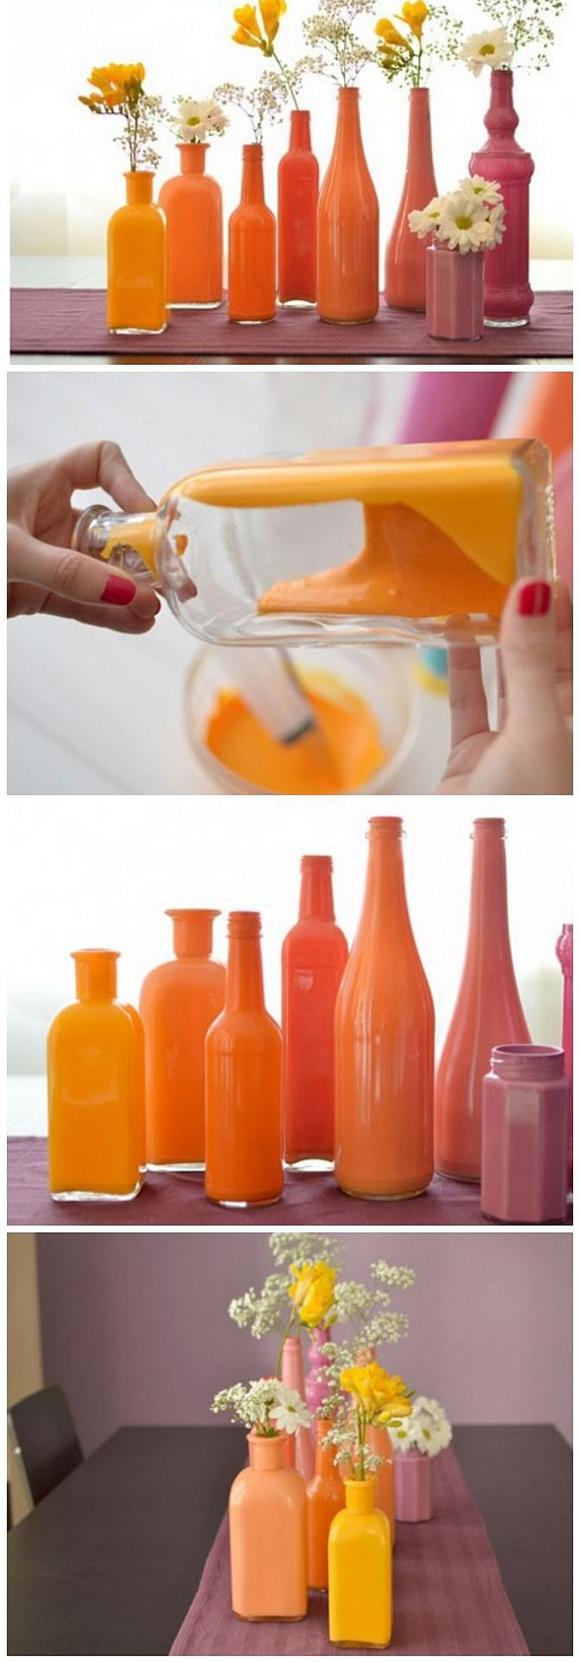 Крашенные в яркие цвета бутылки